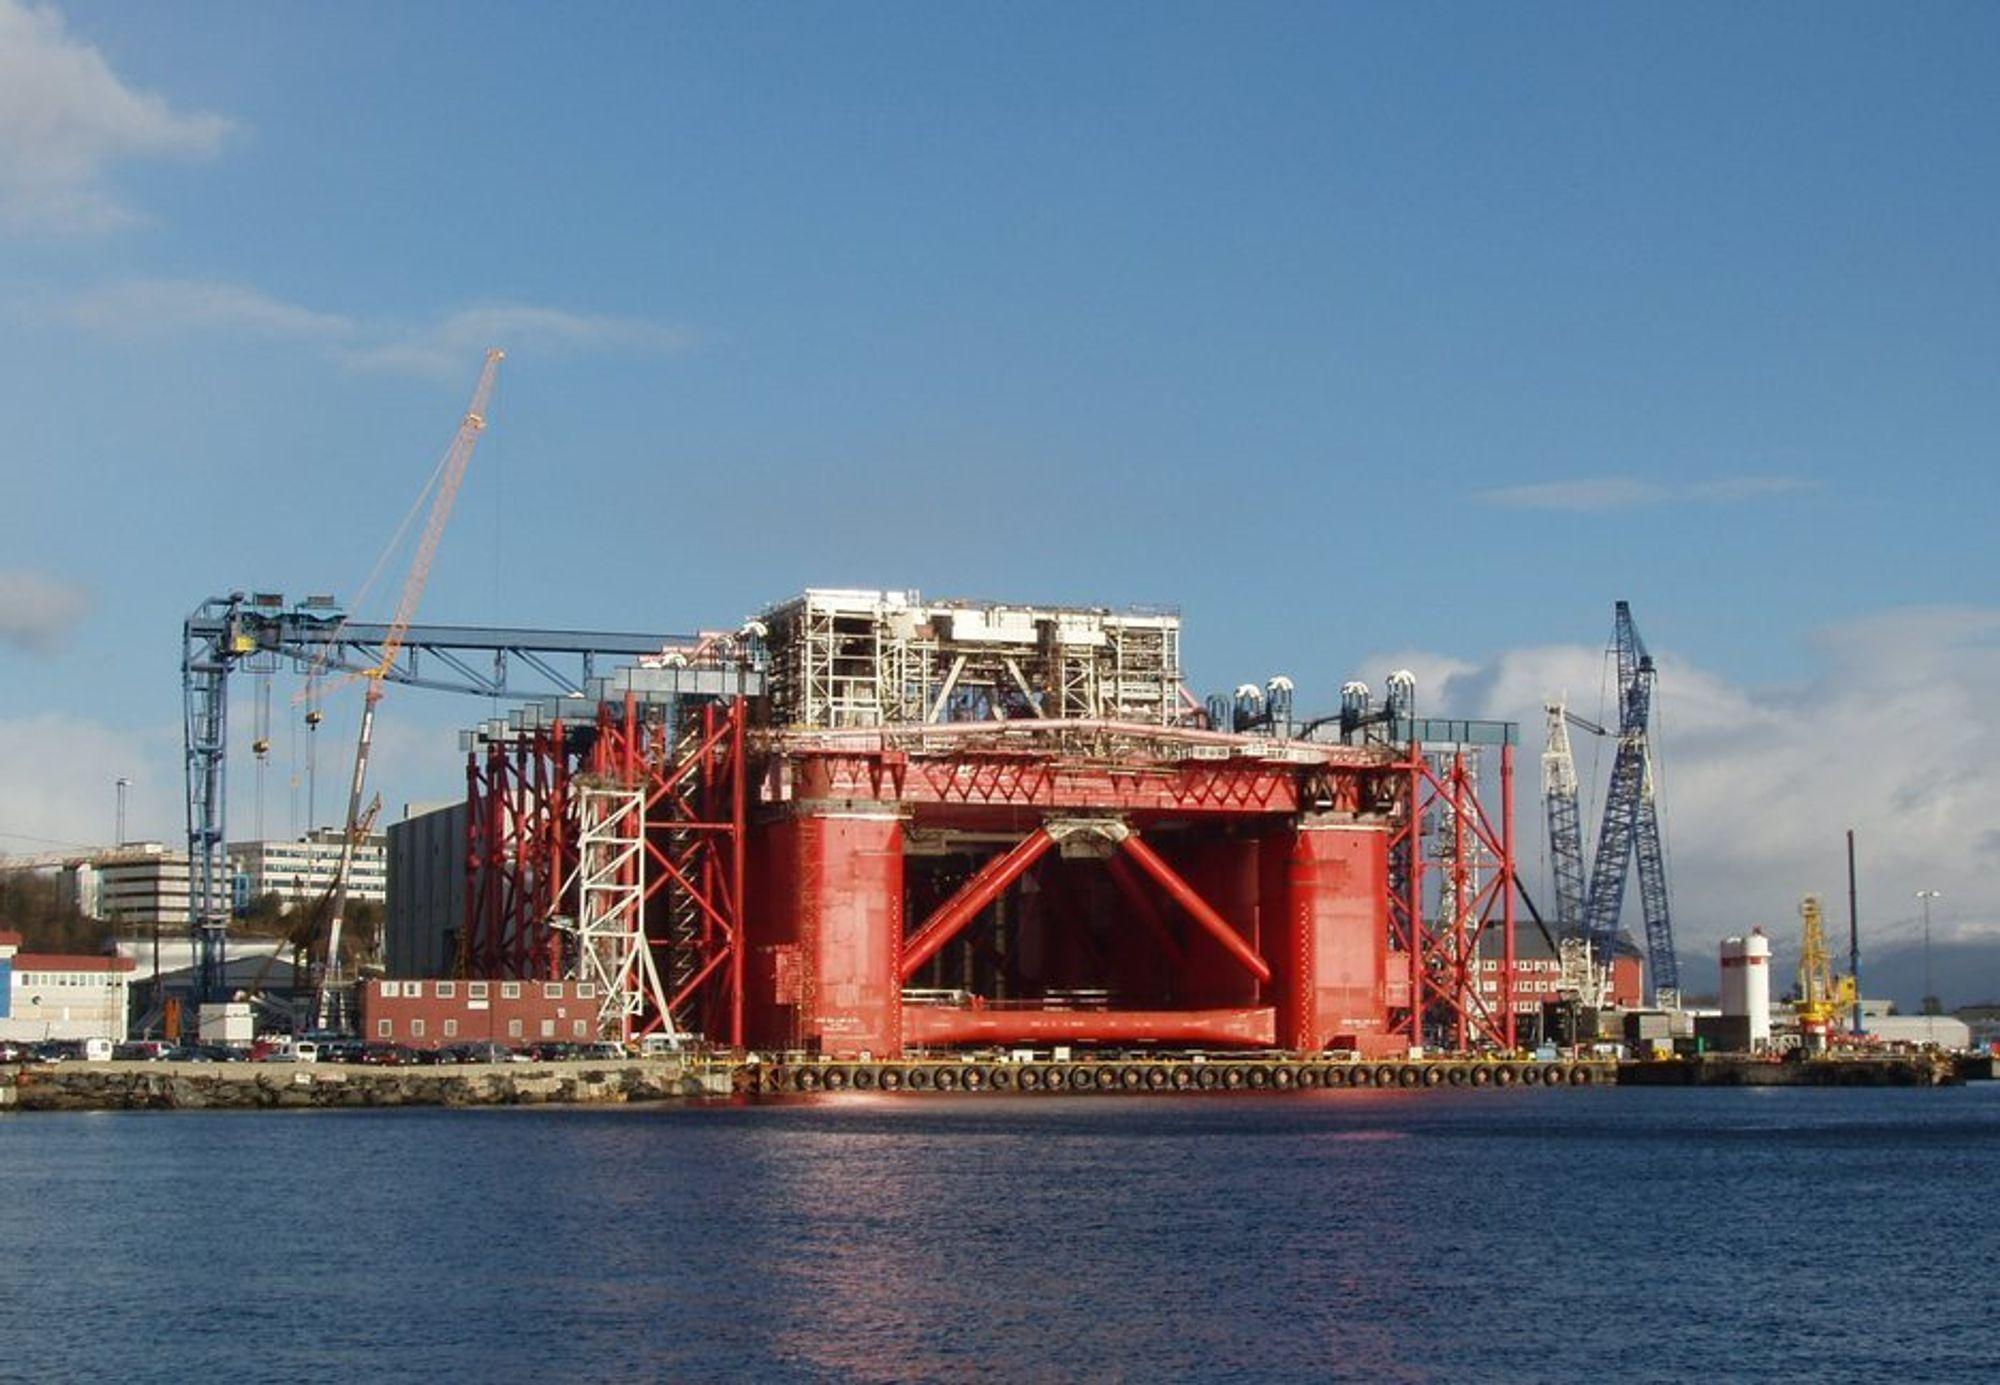 Bygging av rigger og andre offshorestrukturer er komplisert. Aker Stord vil beholde sine eldre og erfarne medarbeidere. Det blir det satt pris på.